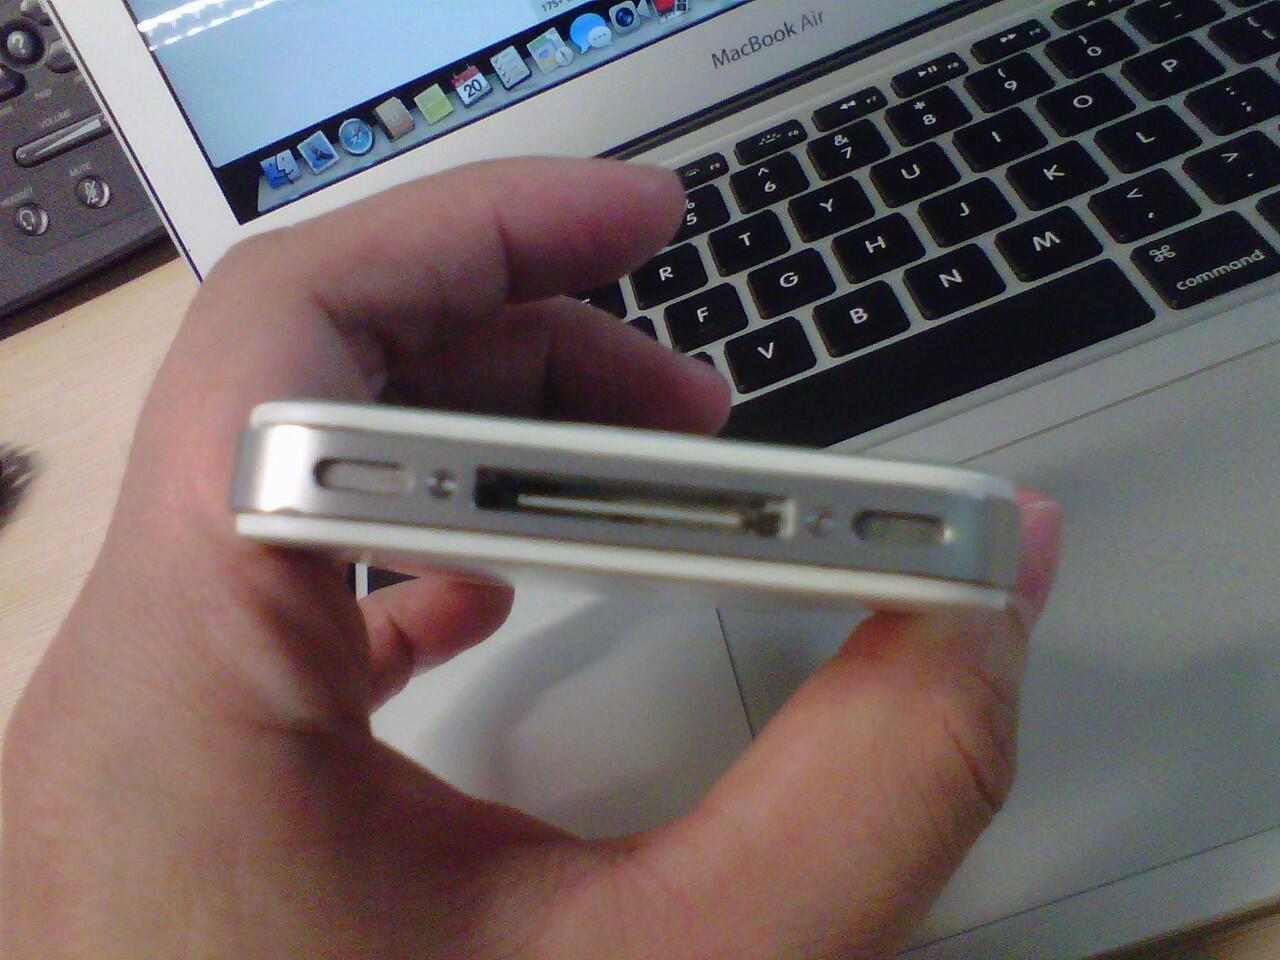 iphone 4 putih garansi sampai november 2014 beli di ibox (ada notanya) - mulus - la